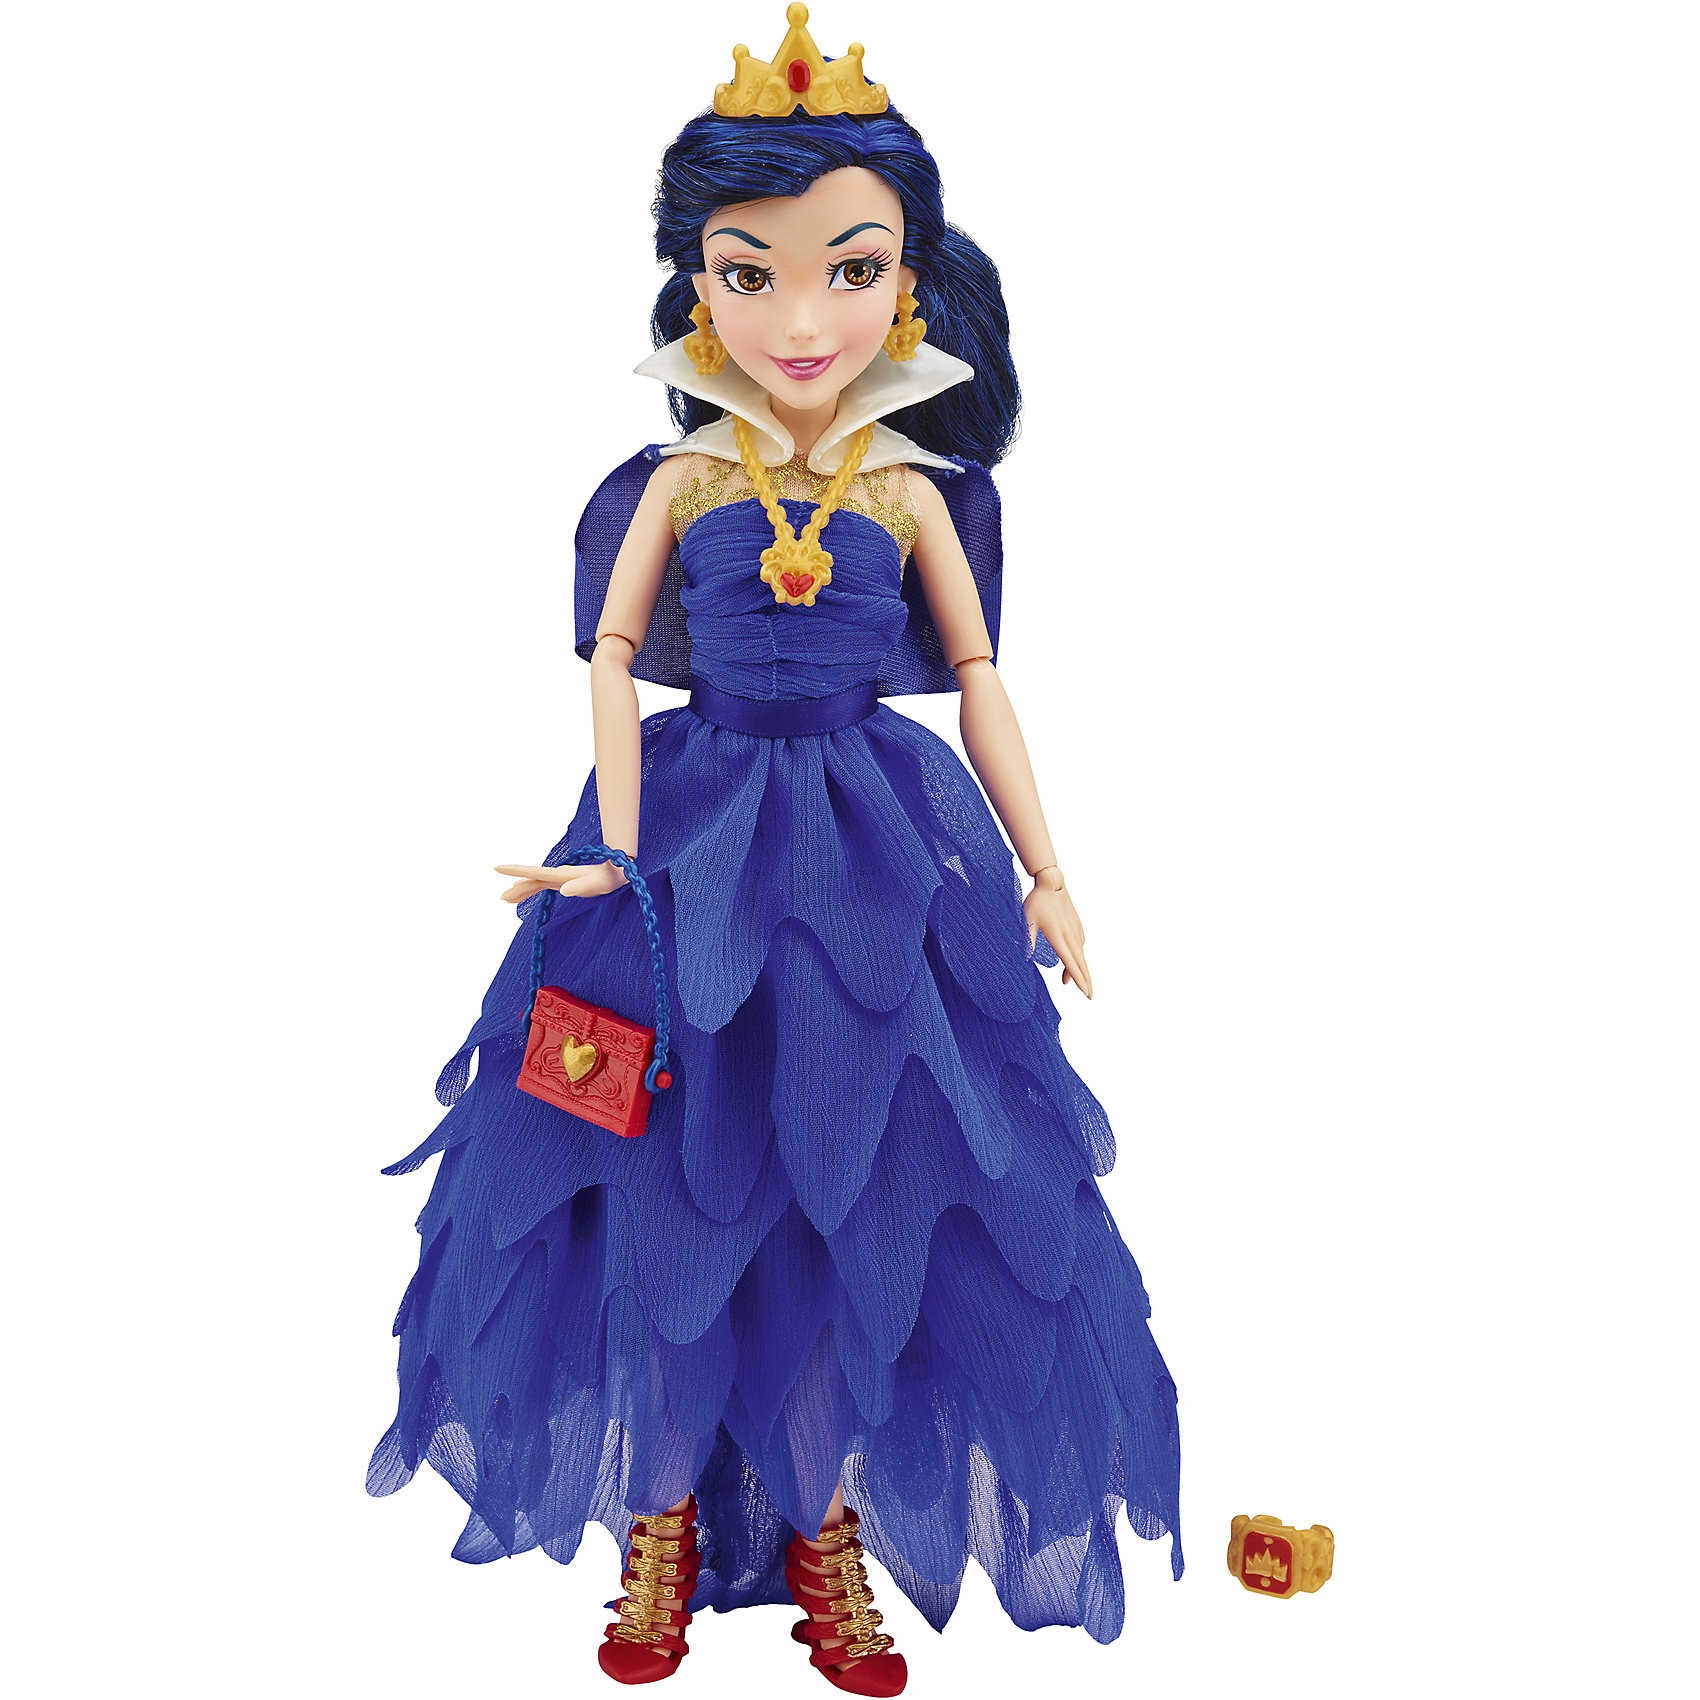 Кукла Иви, Темные герои в платьях для коронации, Наследники, Disney, B3120/B3122Темные герои в платьях для коронации, Наследники, Disney, B3120/B3122.<br><br>Характеристики:<br><br>- В наборе: 1 кукла в платье для коронации, корона, украшение, сумочка, кольцо для девочки<br>- Высота куклы: 27,5 см.<br>- Материал: высококачественный пластик, текстиль<br><br>Замечательная кукла Иви станет приятным подарком для девочки - поклонницы мультфильма «Наследники». Кукла выполнена с соблюдением внешних особенностей диснеевской героини Иви, дочери Злой королевы и одета в праздничное вечернее платье для коронации. В наряде Иви преобладает синий цвет. На ней нарядное платье из легкой ткани, накидка, украшение на шее. На ногах - яркие красные босоножки, а в руках стильная ярко-красная сумочка с синим ремешком. У куклы красивые густые волосы темно-синего цвета, которые можно расчесывать и заплетать. Волосы уложены в прическу, на голове красуется корона. Насыщенный макияж Иви подчеркивает выразительность глаз, а длинные нарисованные реснички делают взгляд проницательным и ярким. А еще вашу малышку ждет приятный сюрприз - в набор входит золотистое колечко с гербом, которое она сможет носить на своей руке. Кукла имеет шарнирное соединение в 11 точках артикуляции, и может принимать любую позу. Игрушка выполнена из качественных, нетоксичных материалов, сертифицированных для производства детских товаров. Используемые красители безопасны для ребёнка.<br><br>Набор Темные герои в платьях для коронации, Наследники, Disney, B3120/B3122 можно купить в нашем интернет-магазине.<br><br>Ширина мм: 63<br>Глубина мм: 252<br>Высота мм: 1750<br>Вес г: 399<br>Возраст от месяцев: 72<br>Возраст до месяцев: 168<br>Пол: Женский<br>Возраст: Детский<br>SKU: 5064676